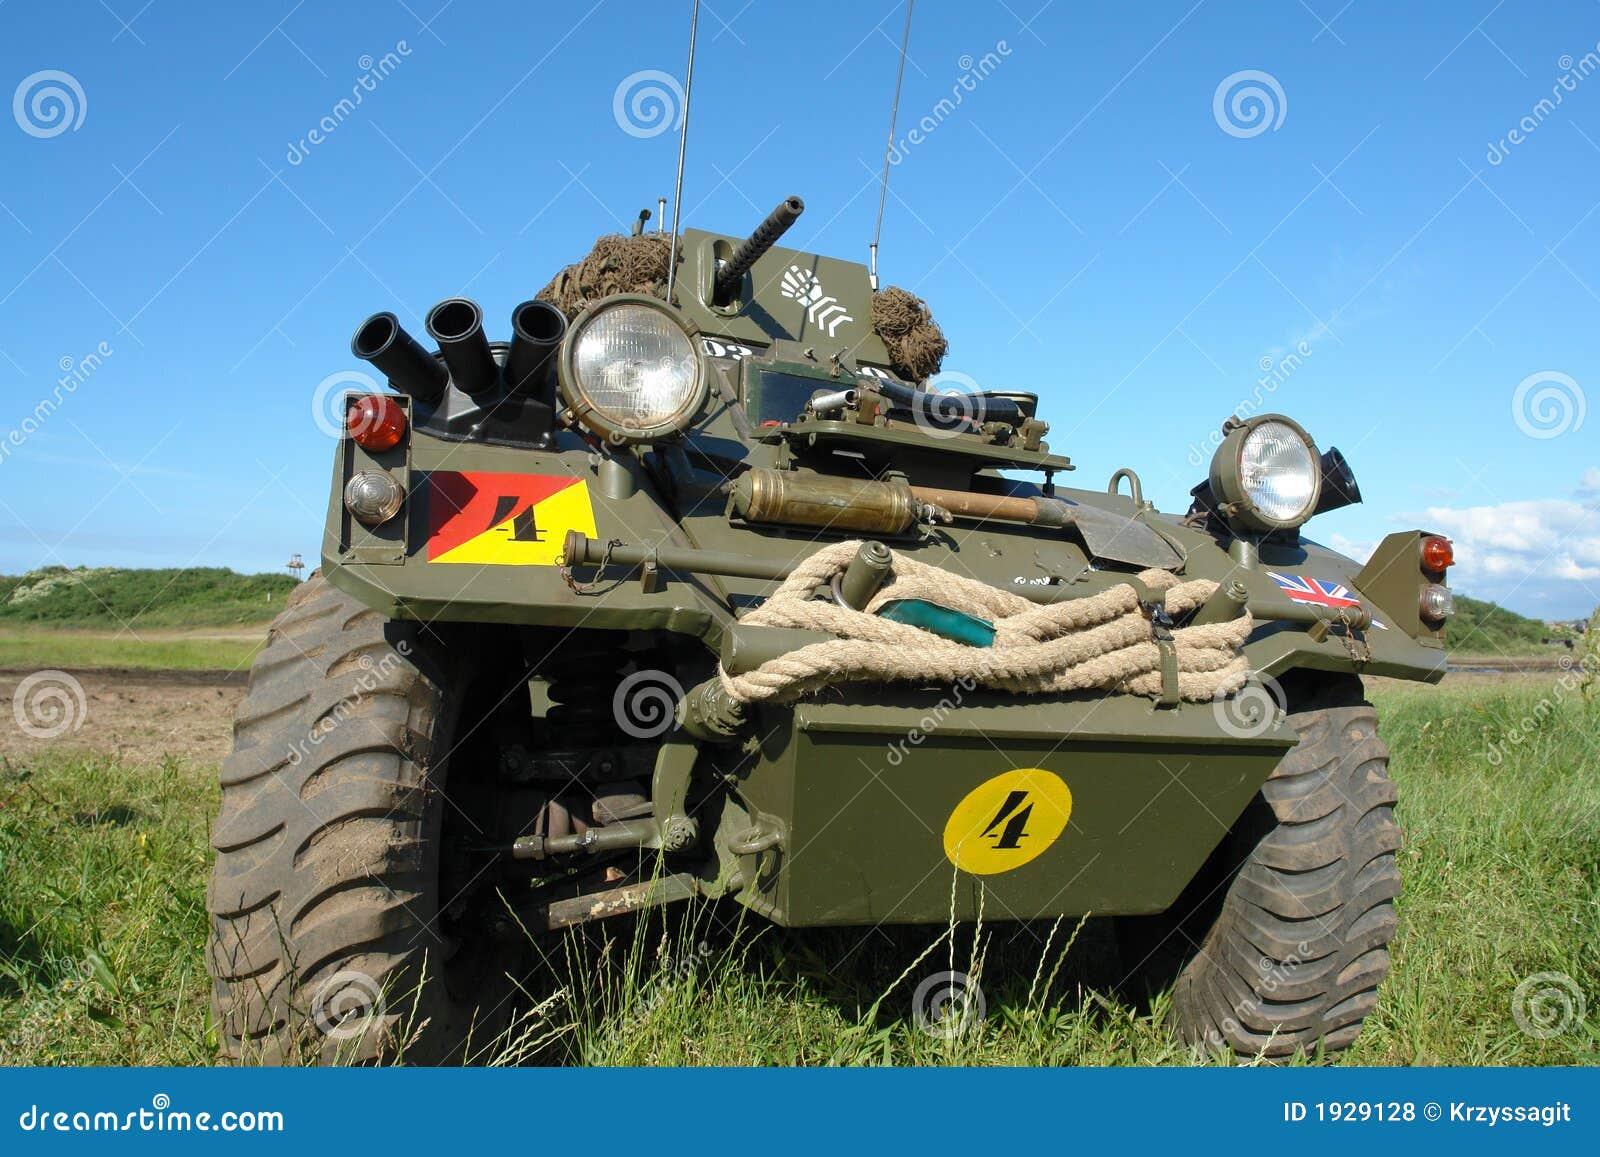 Veículo militar, velho, tipo de WWII.